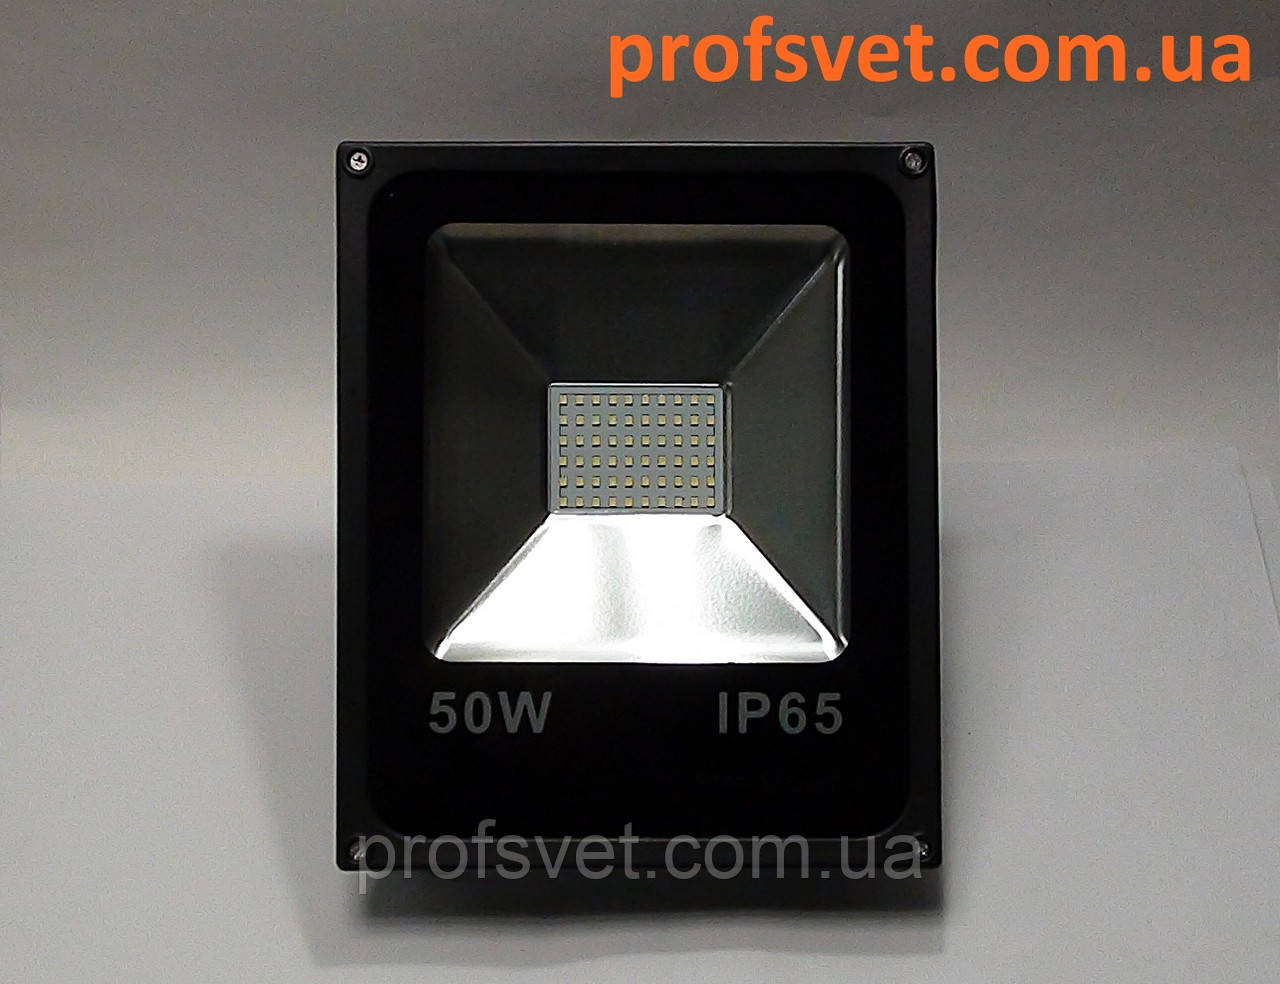 Светодиодный уличный фонарь 50 вт Basic